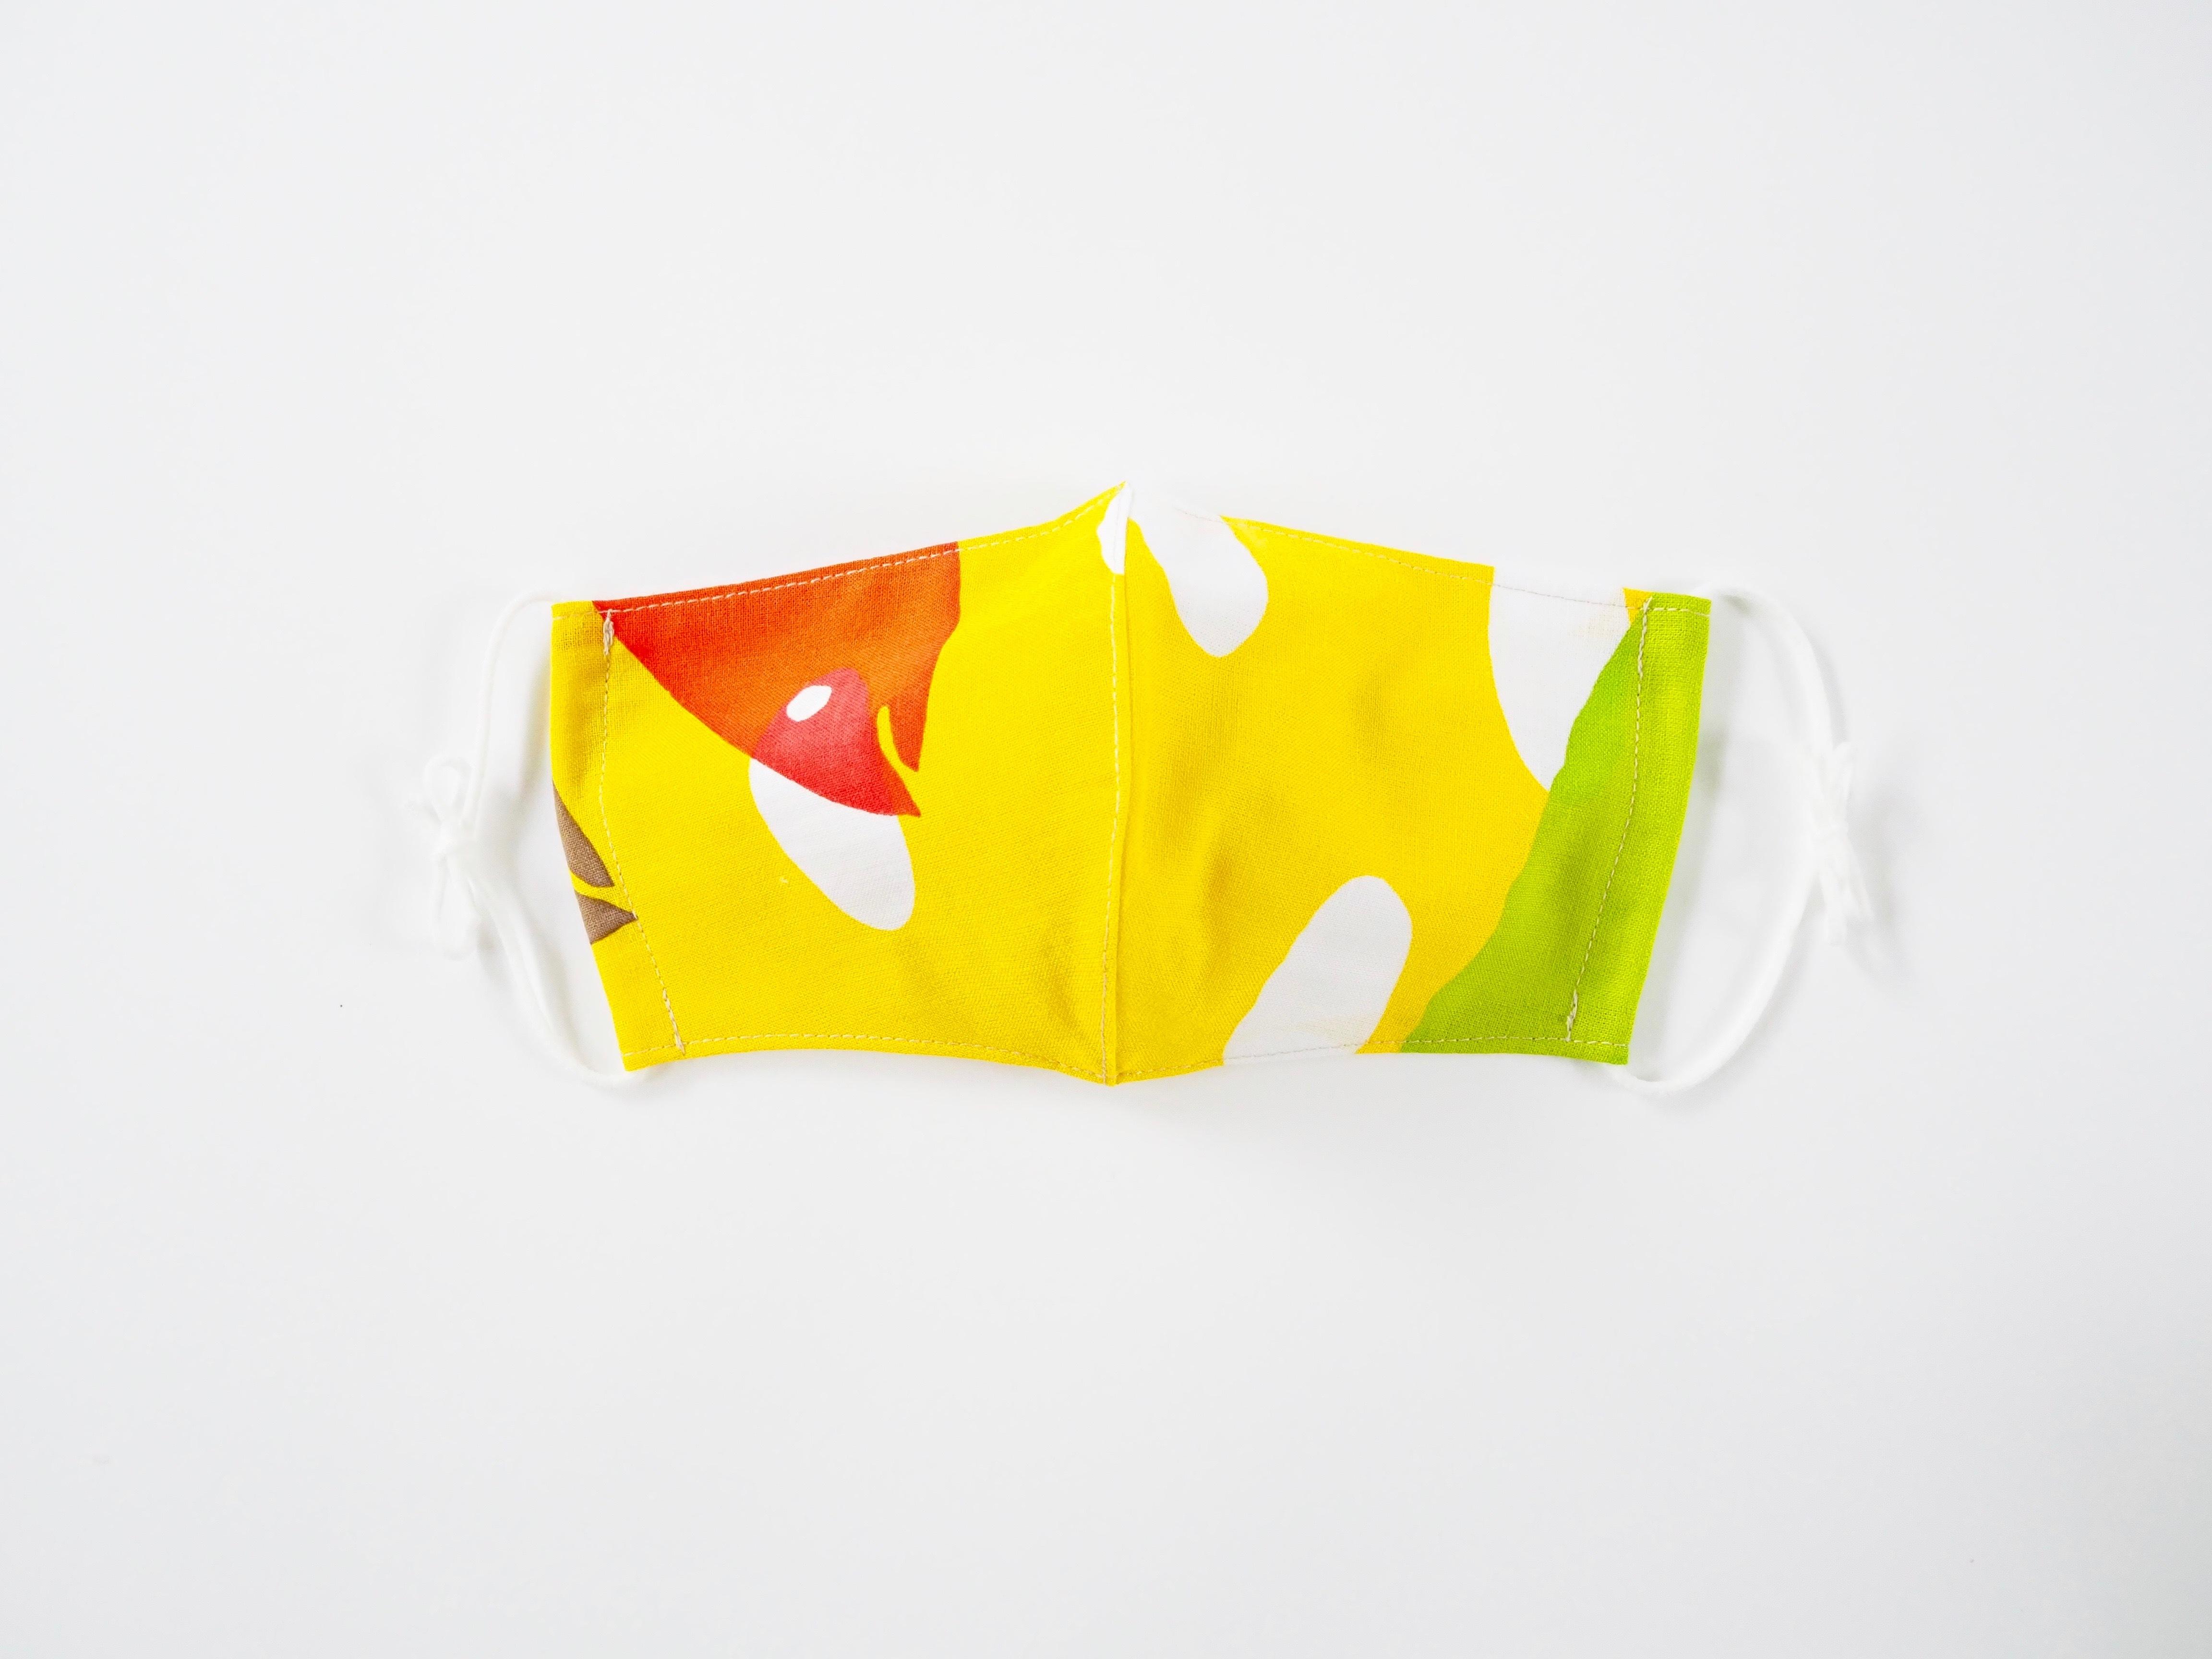 ケイコロール  大人マスク 「飛び石とニシンの黄」 立体仕立て ダブルガーゼ仕様